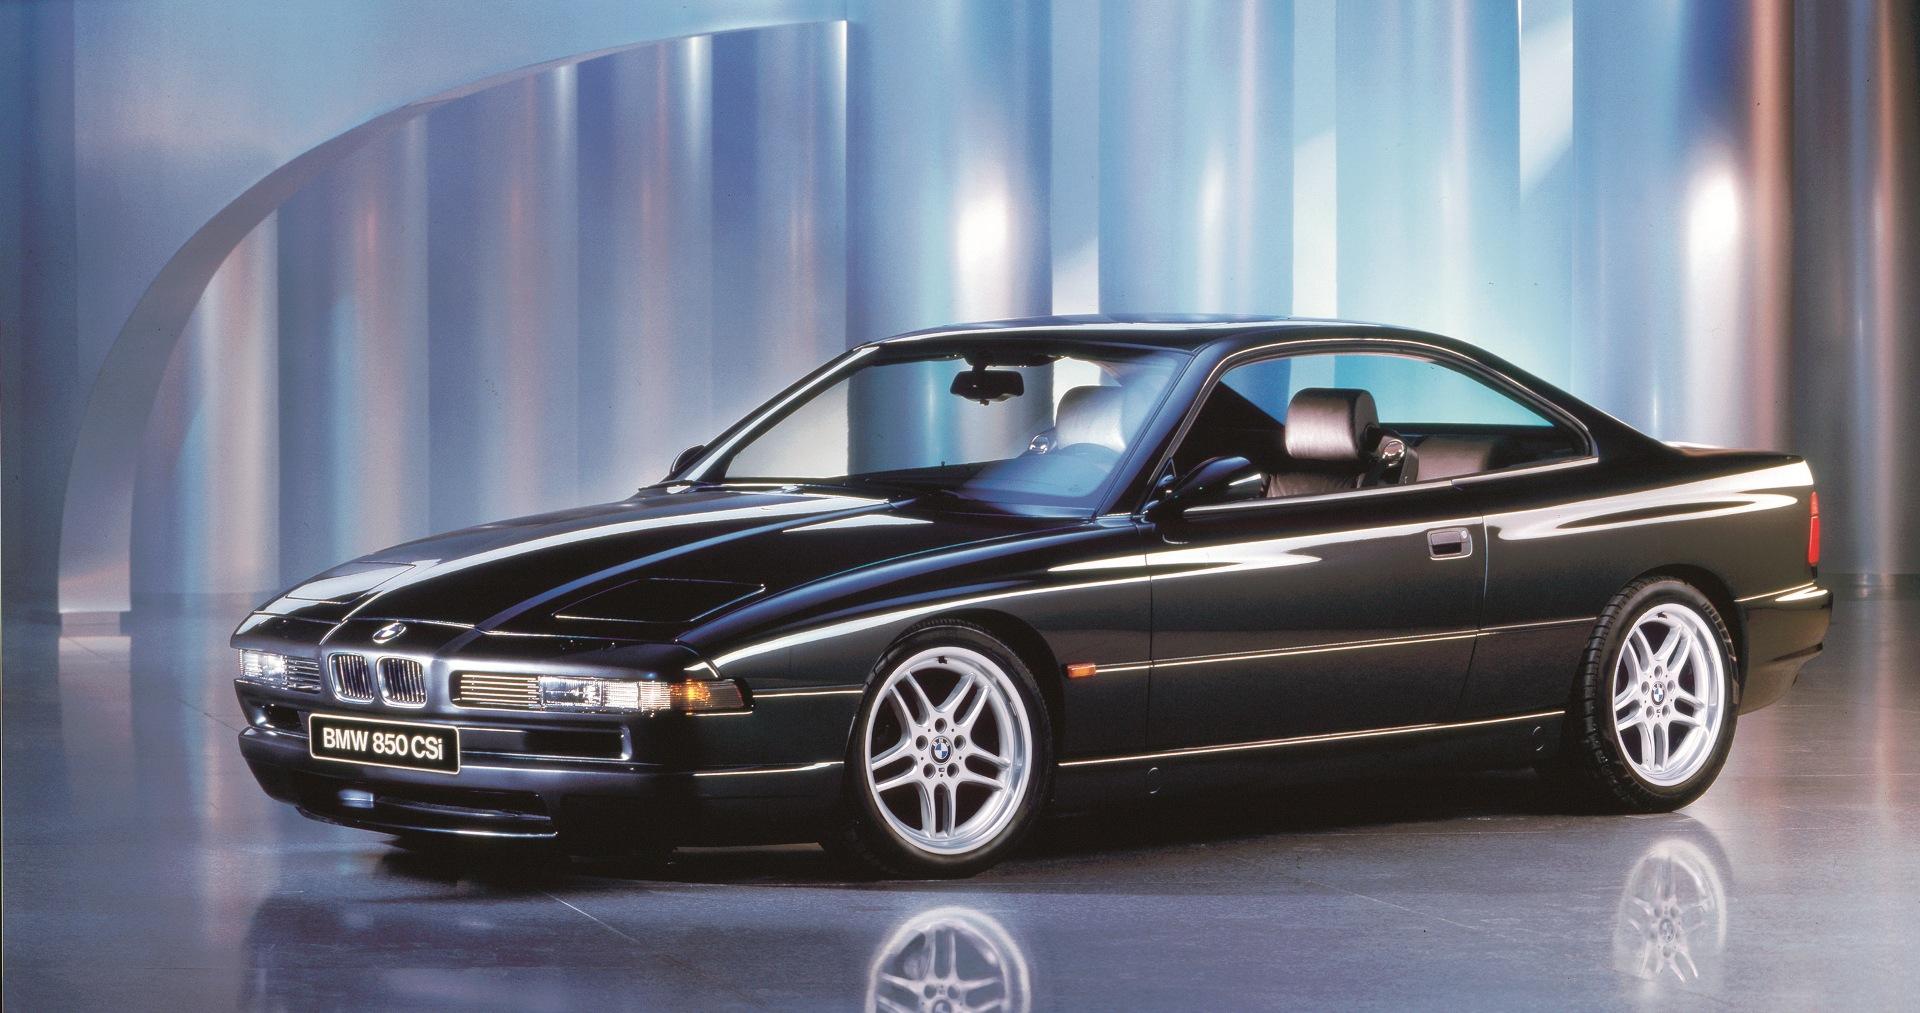 The BMW 850CSi E31 6